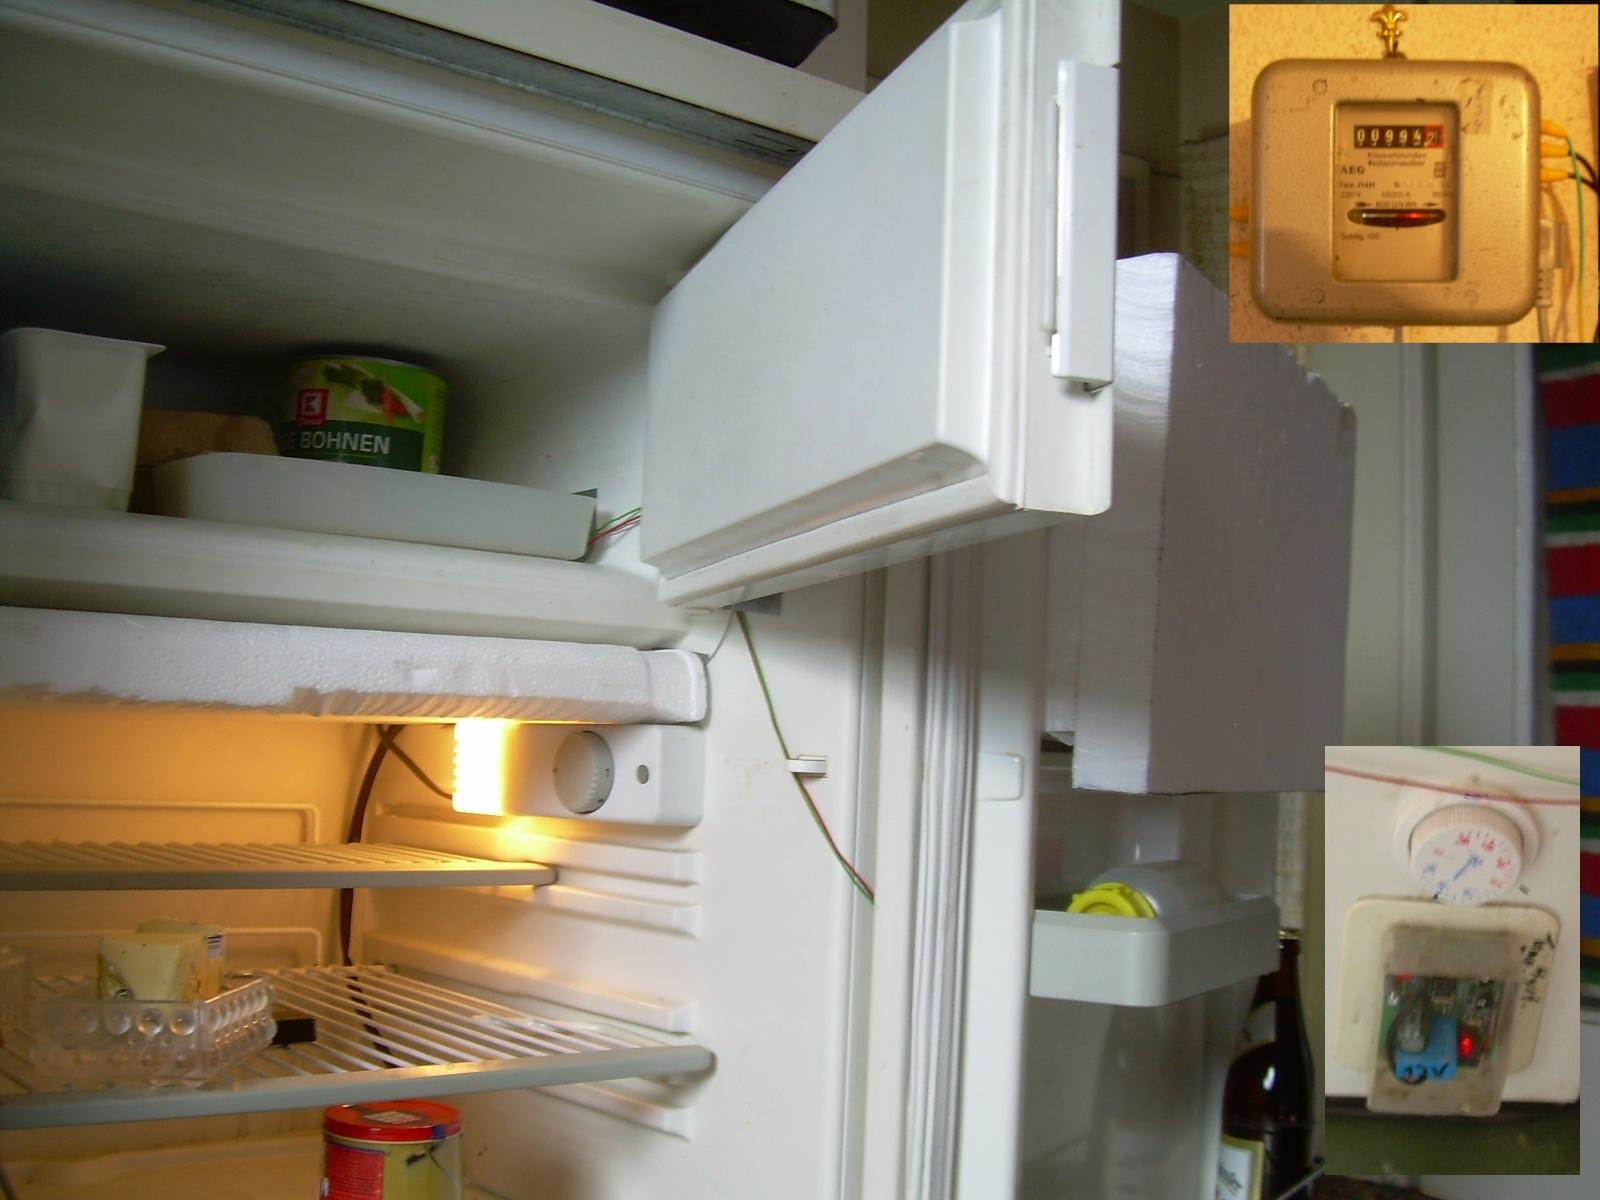 Aeg Kühlschrank Baujahr Bestimmen : Energieverbrauch kühlschrank waschmaschine trockner